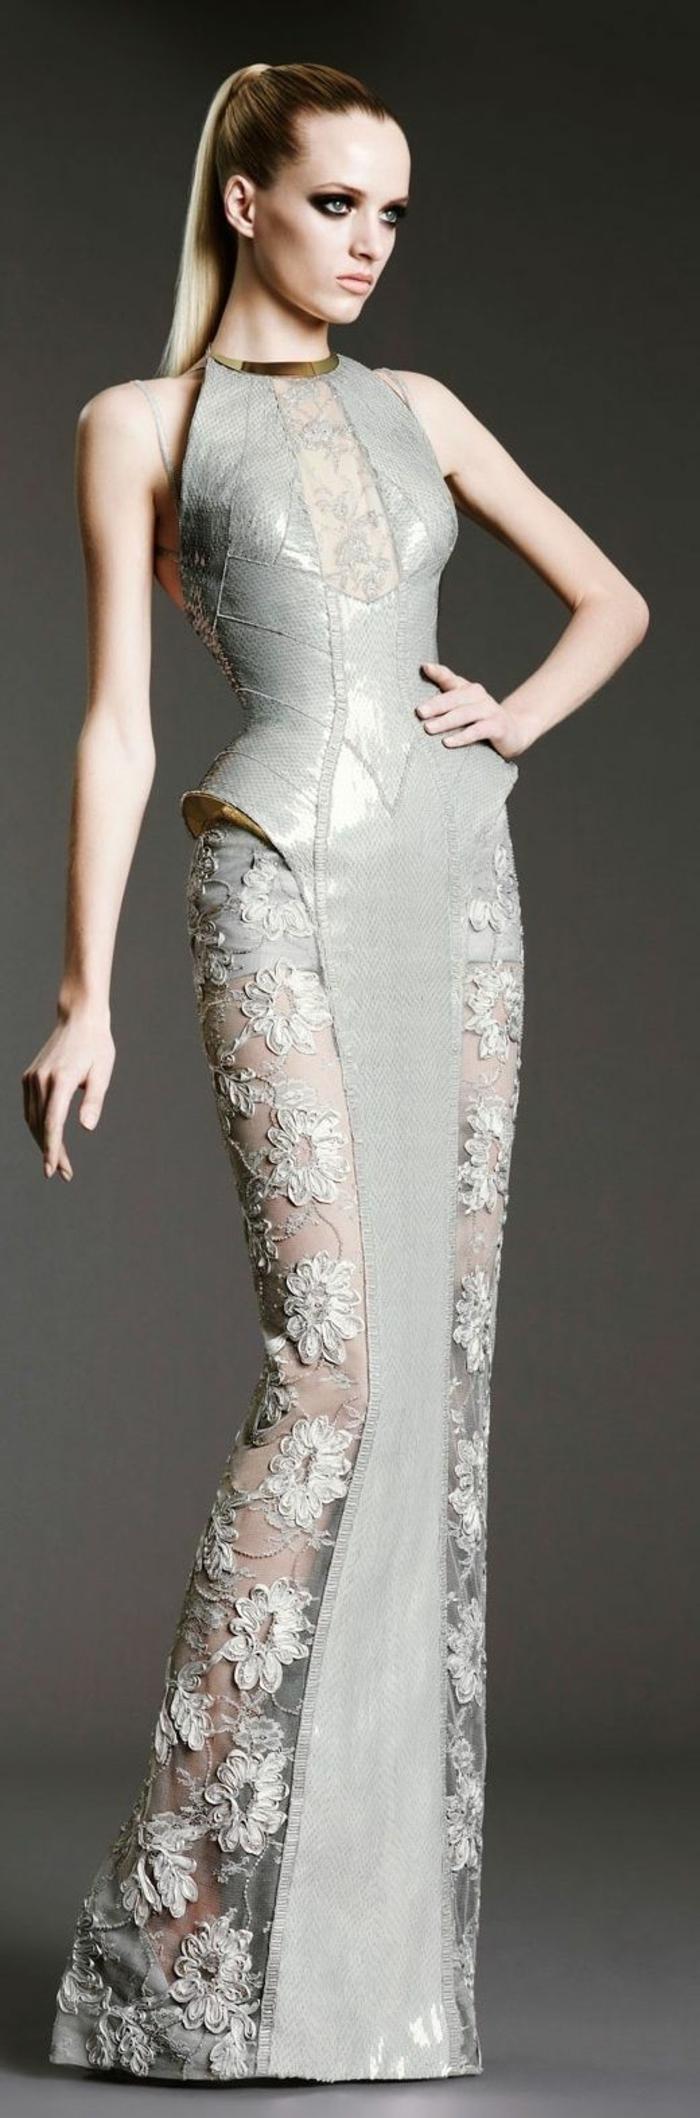 1-robe-fluide-habillée-de-couleur-gris-pour-les-filles-blondes-les-femmes-modernes